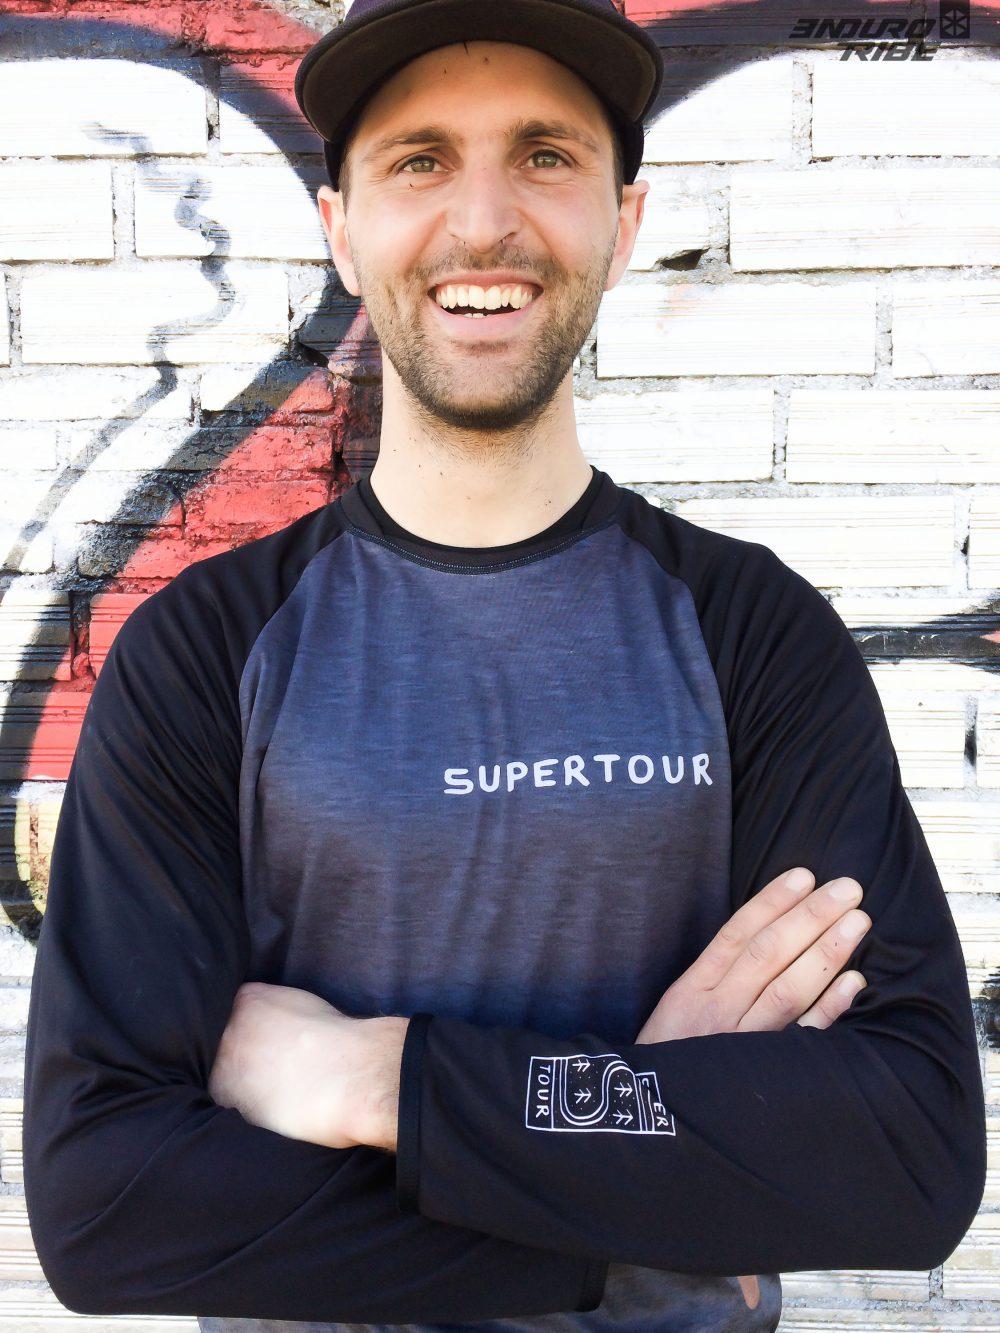 Expérience aussi avec Paul Gayral, dont on présentait il y a peu l'activité Enduro Session dans le secteur de Millau. 4eme de la Coupe de France en 2018, c'est l'autre pourvoyeur de gros points du Team Pivot SuperTour.